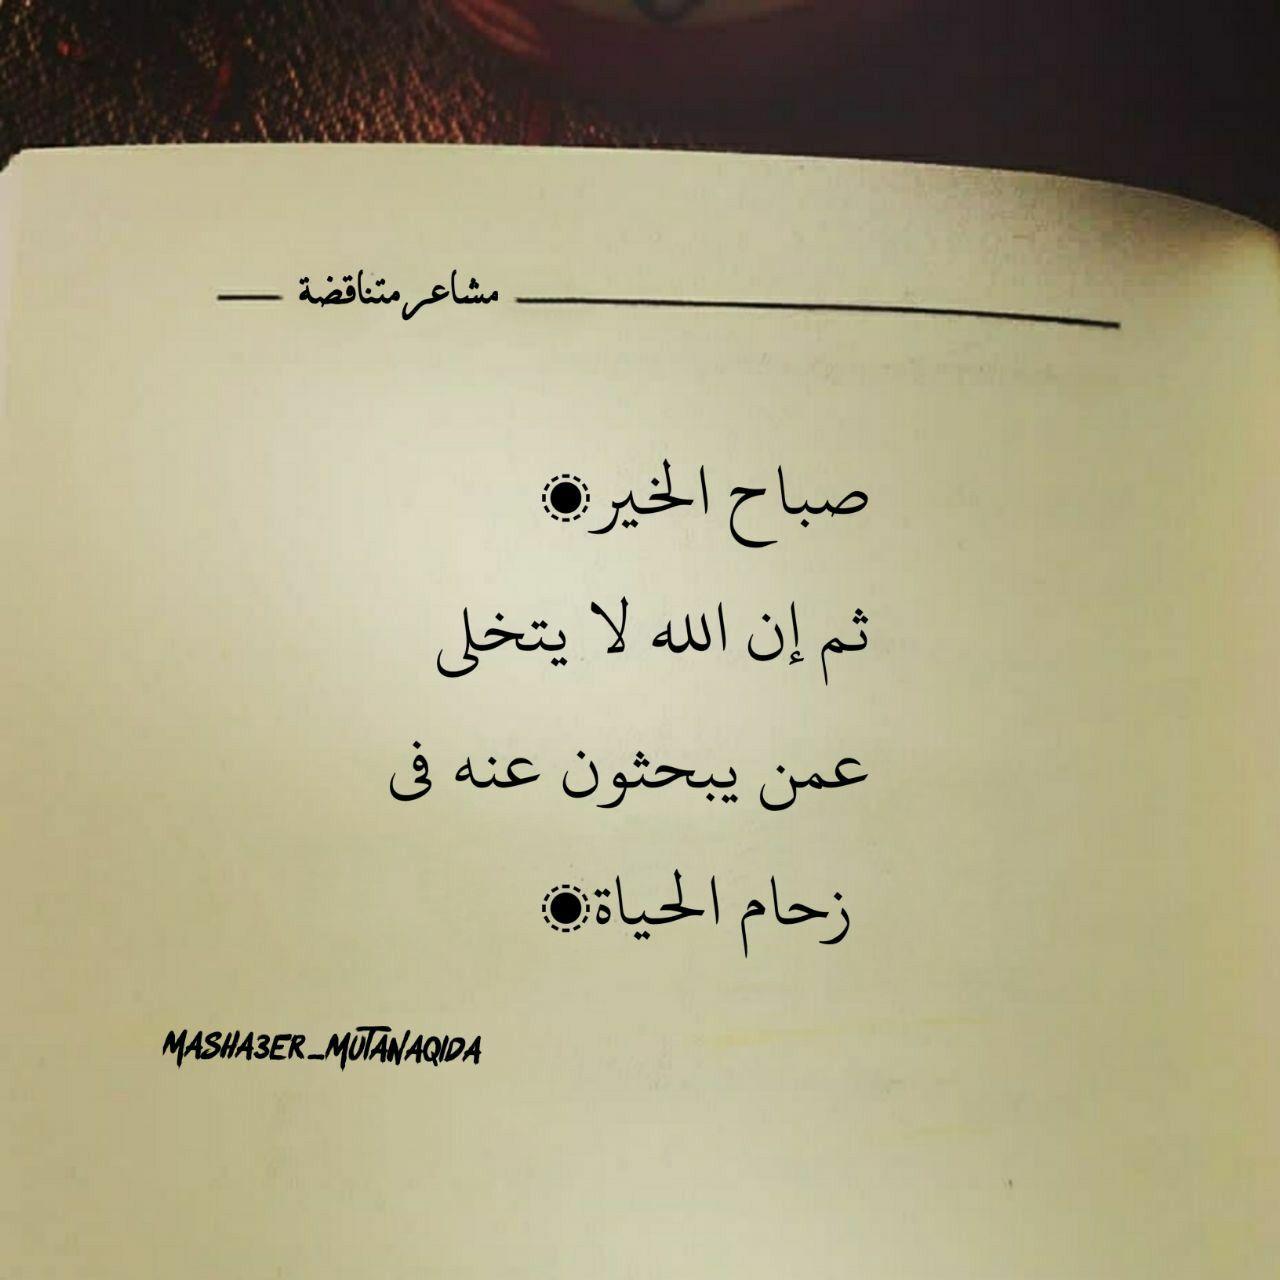 ثم إن الله لا يتخلى عمن يبحثون عنه في زحام الحياة Arabic Calligraphy Calligraphy Instagram